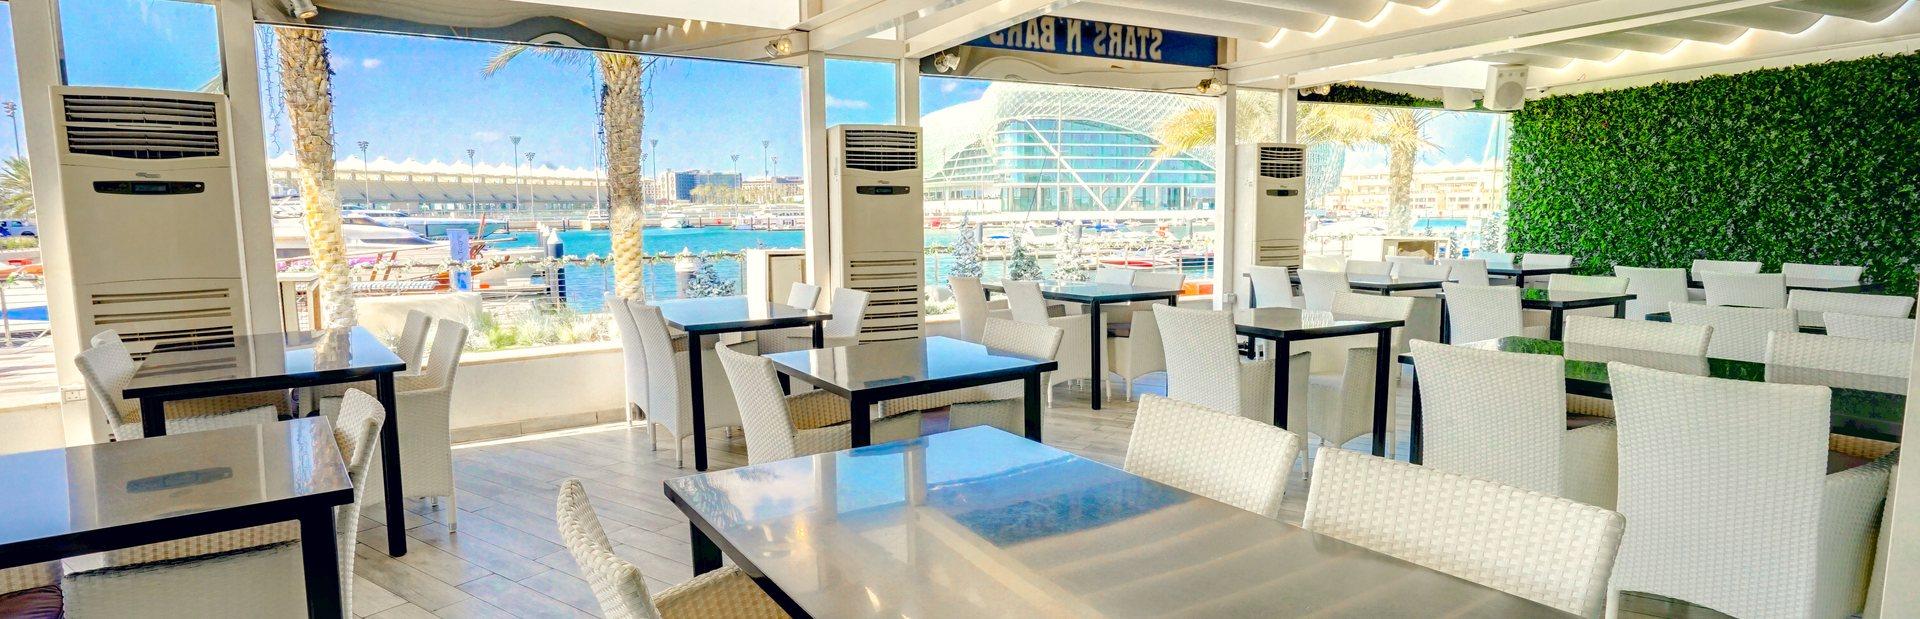 Stars 'N' Bars Abu Dhabi Image 1